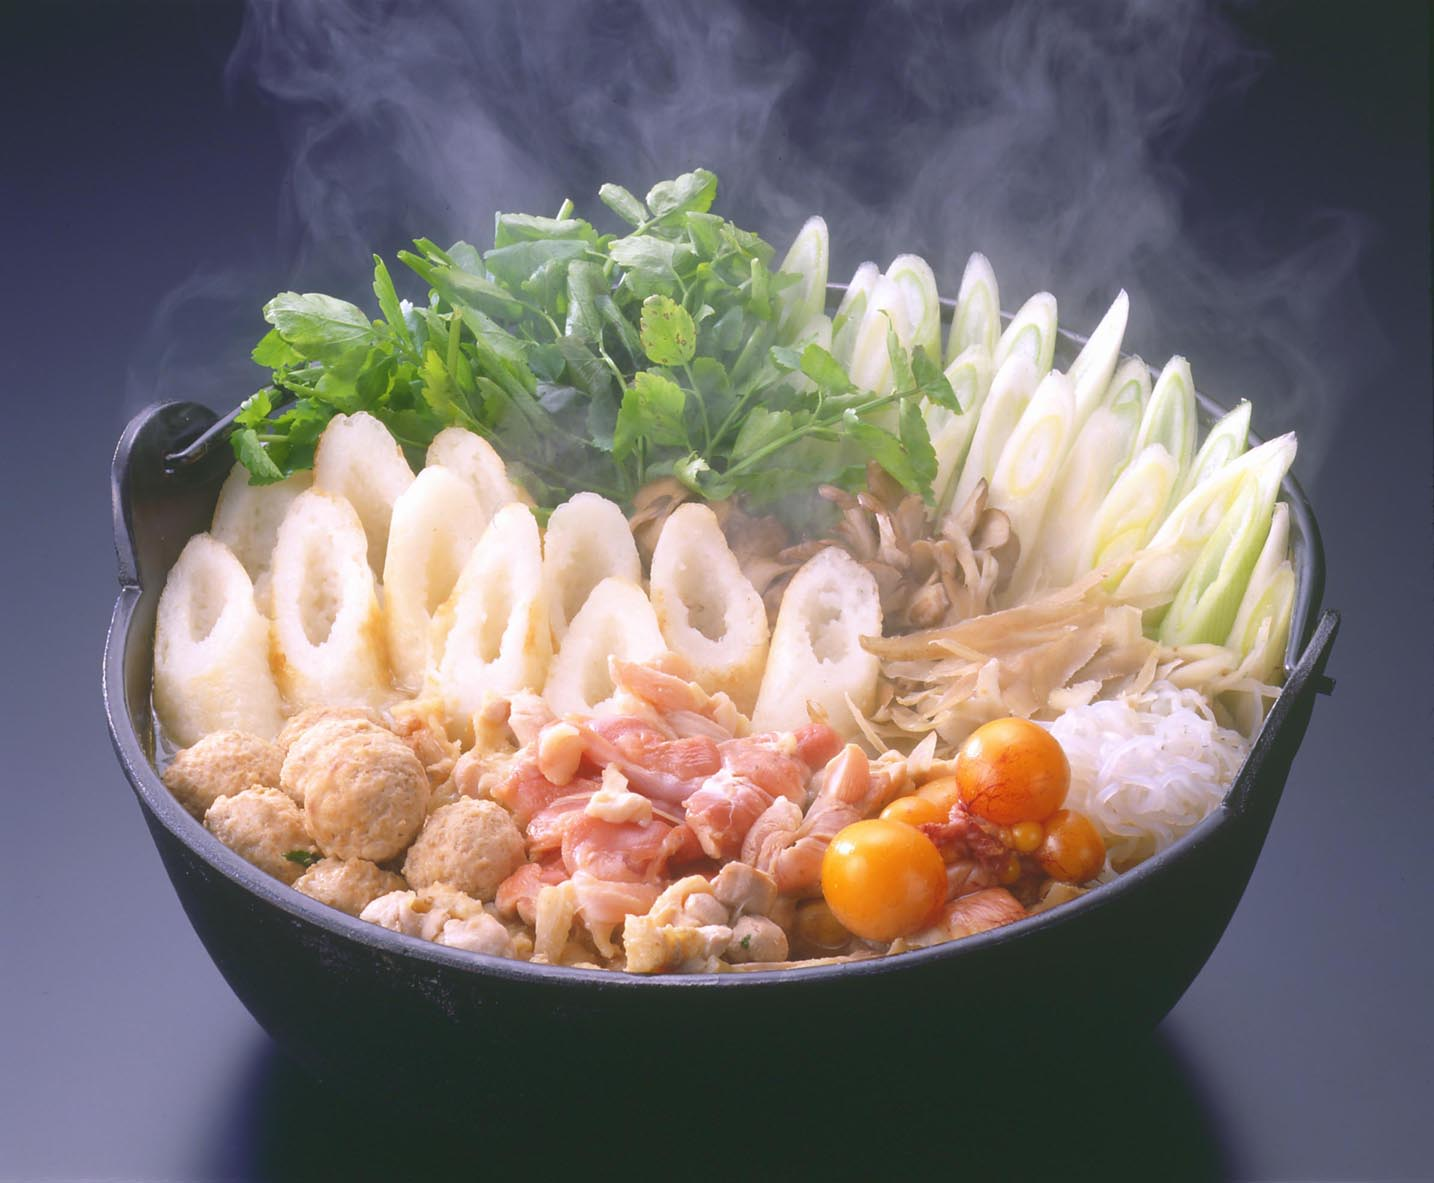 きりたんぽ鍋セット | 秋田比内地鶏のことなら秋田比内や株式会社